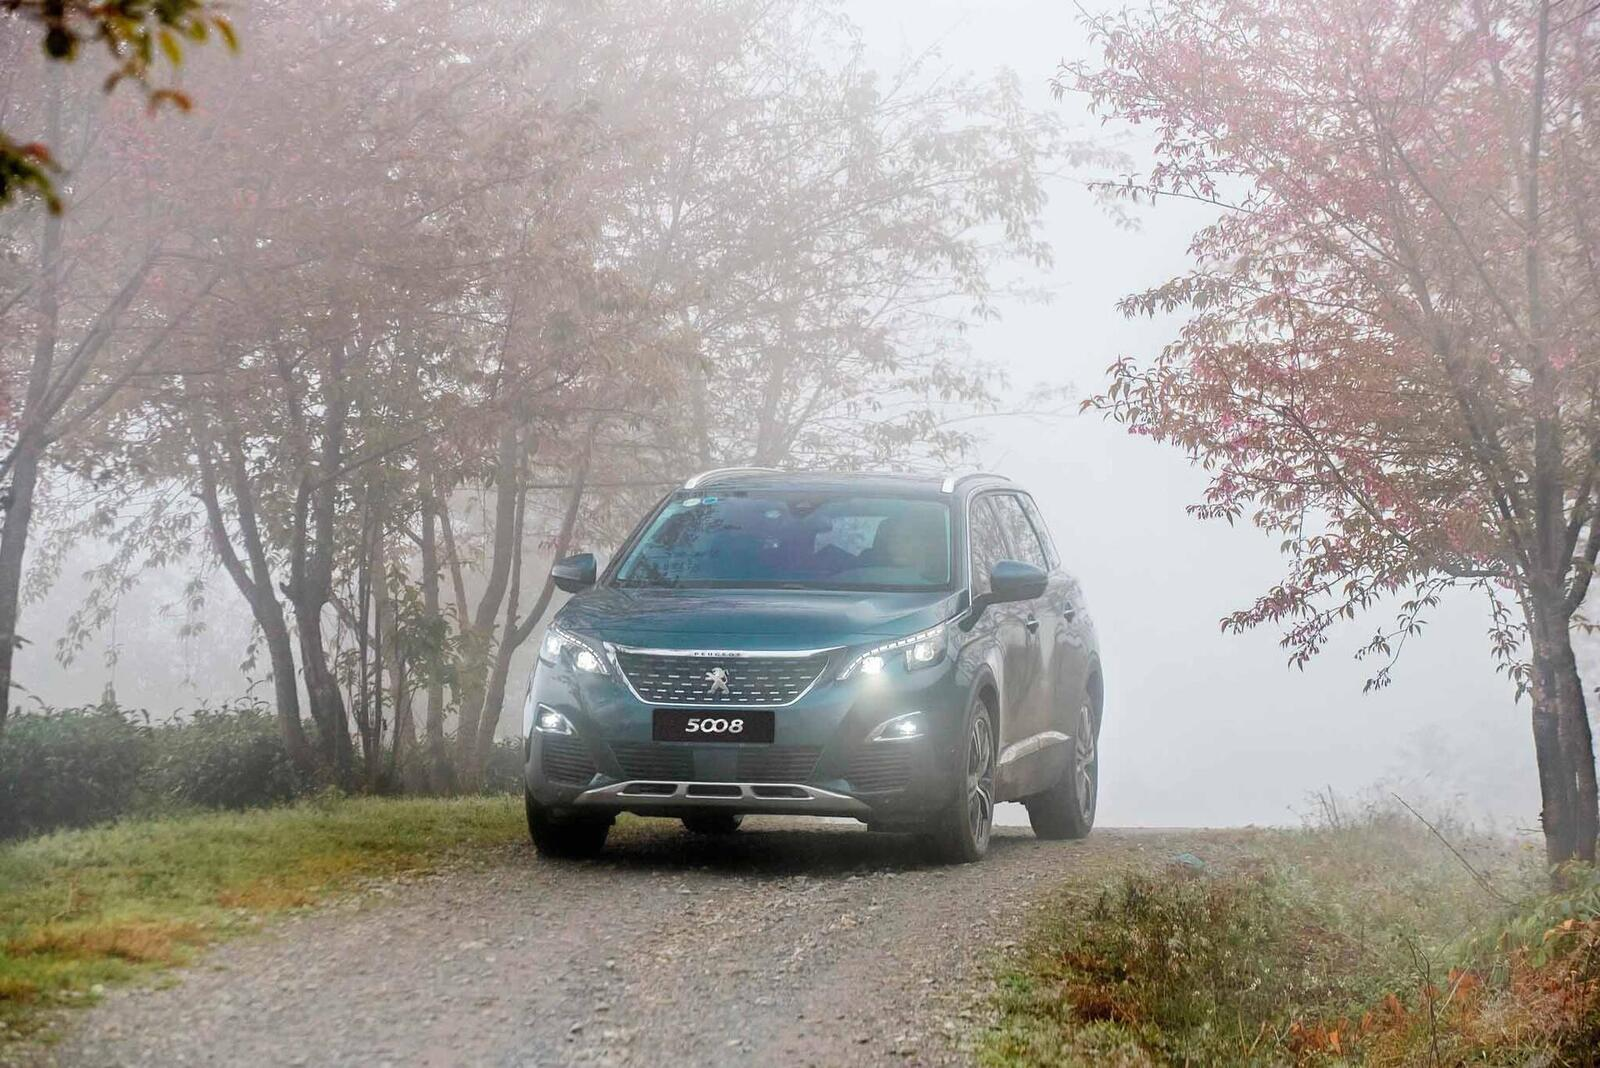 Doanh số tăng trưởng vượt bậc, Peugeot tiếp tục đẩy mạnh ưu đãi dịch vụ hậu mãi - Hình 3